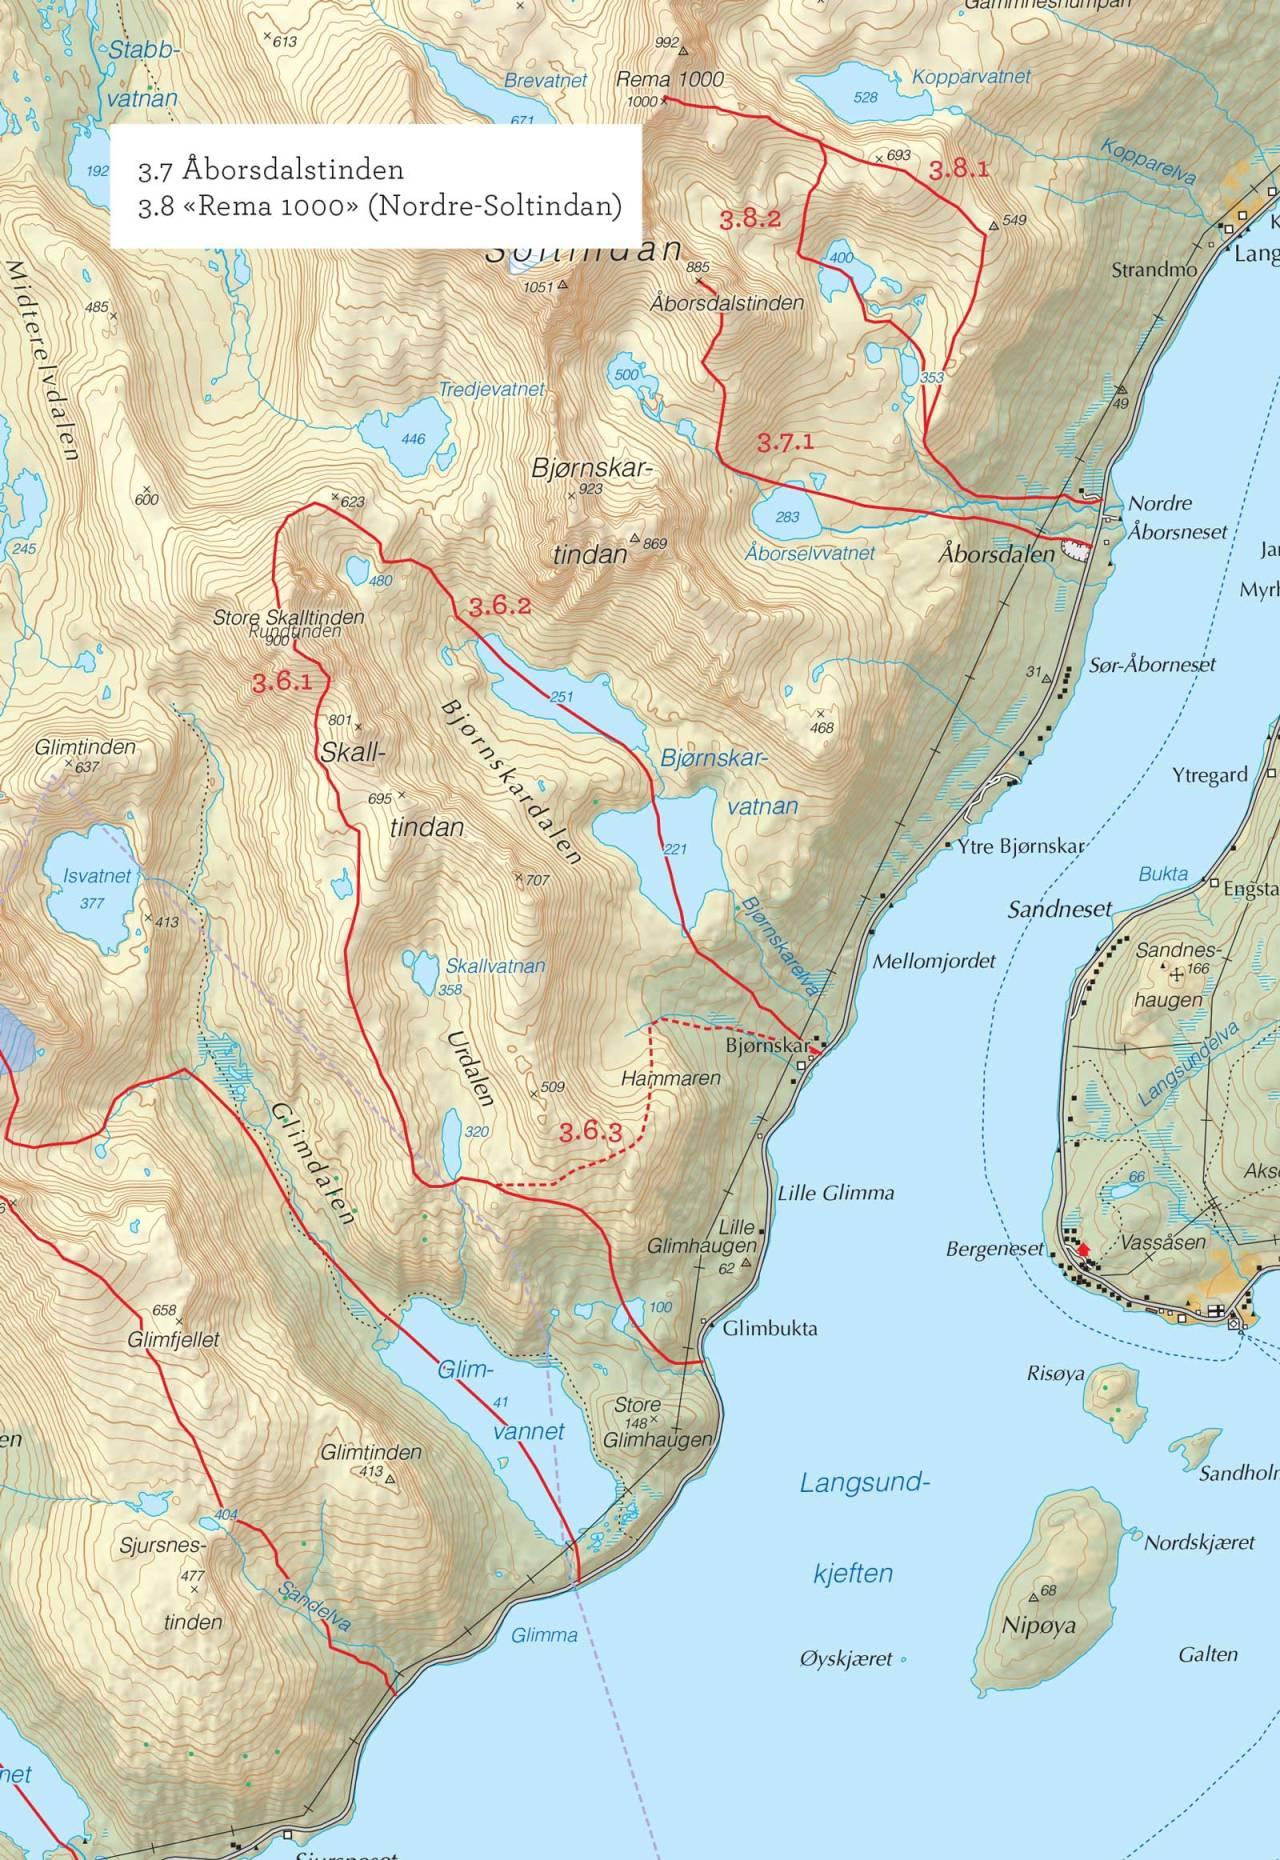 Oversiktskart over Åborsdalstinden med inntegnet rute. Fra Toppturer i Troms.